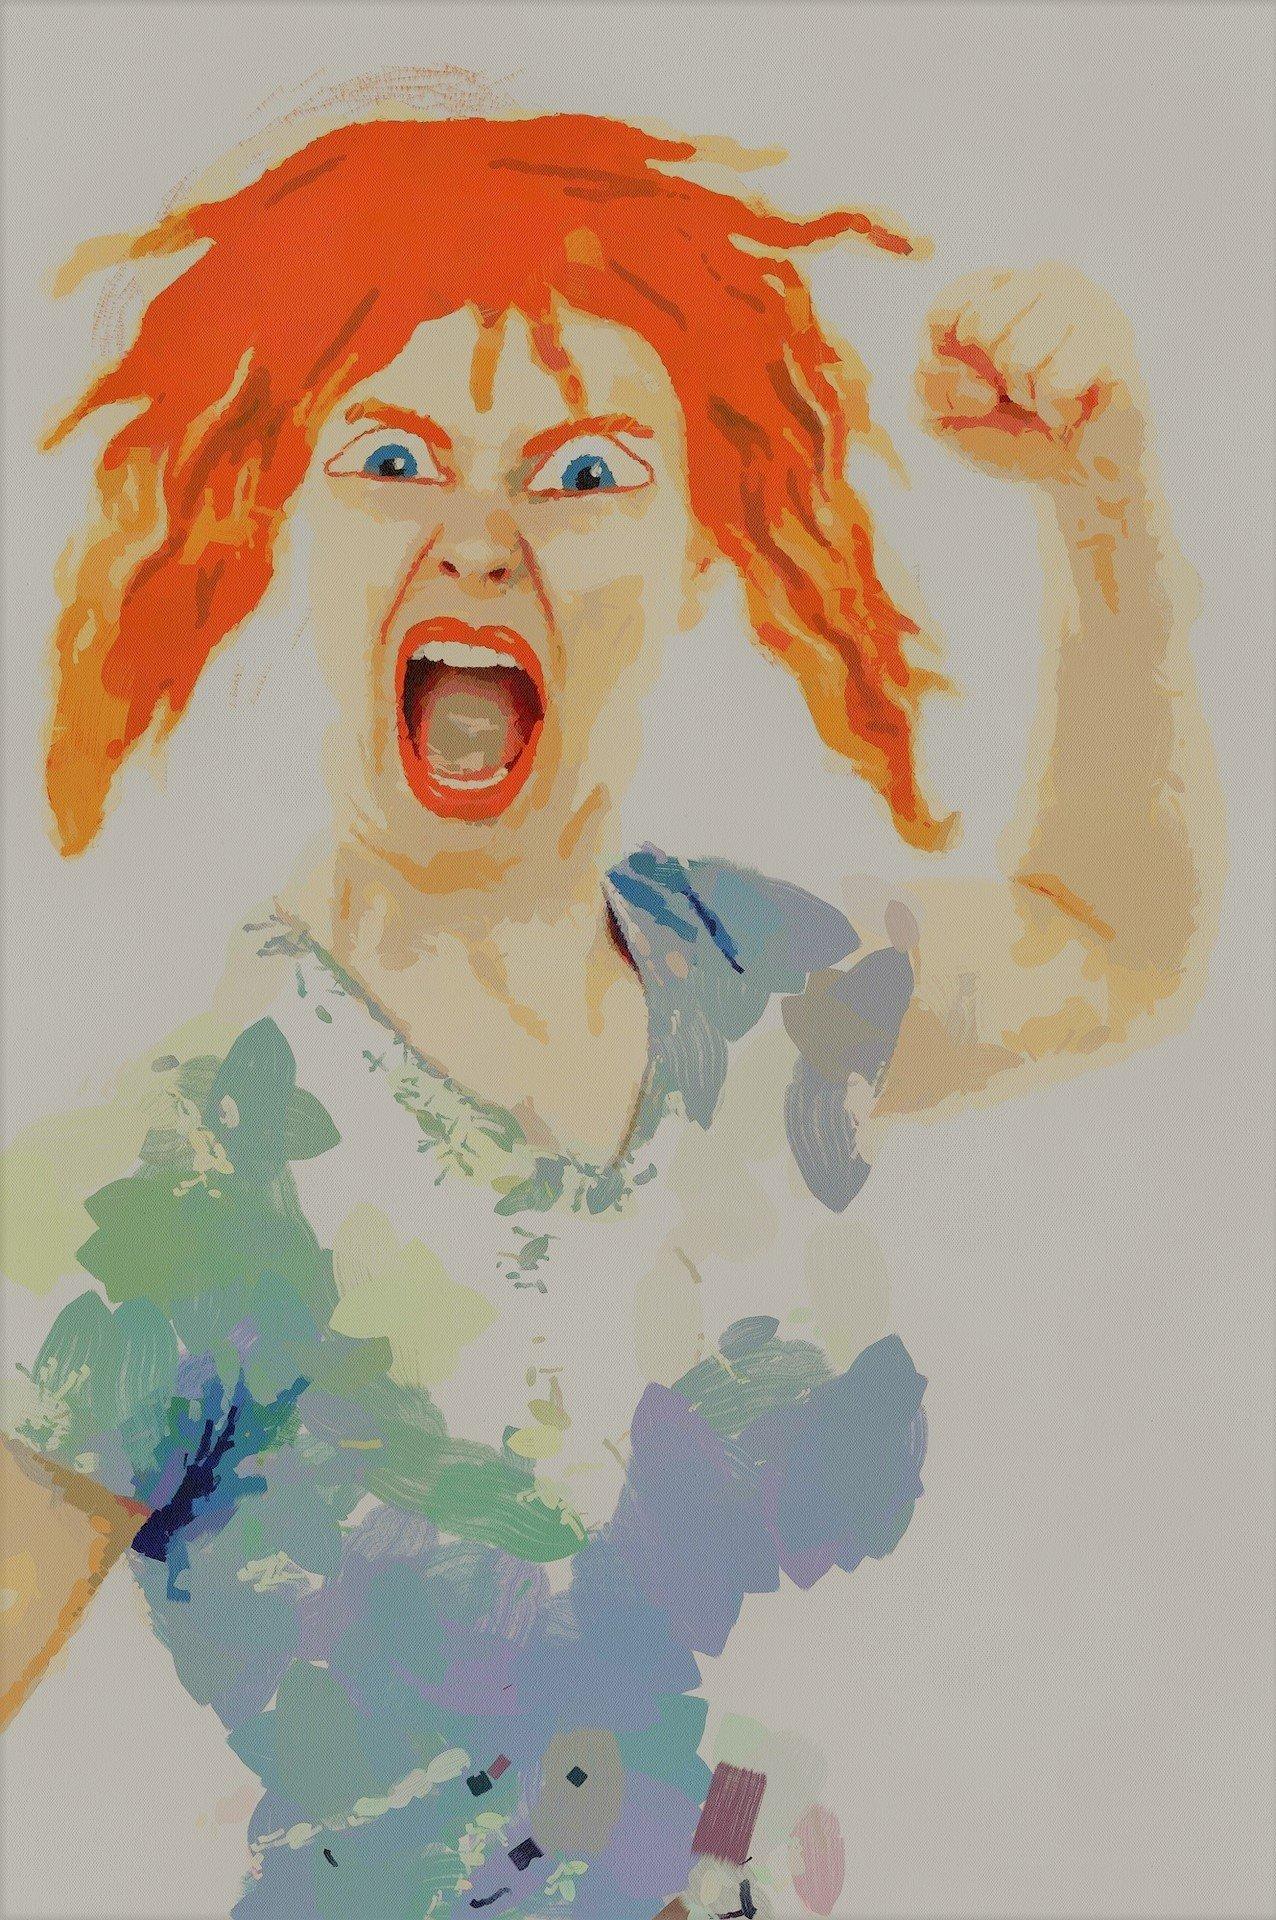 kleine verstoringen stapelen zich op tot boosheid